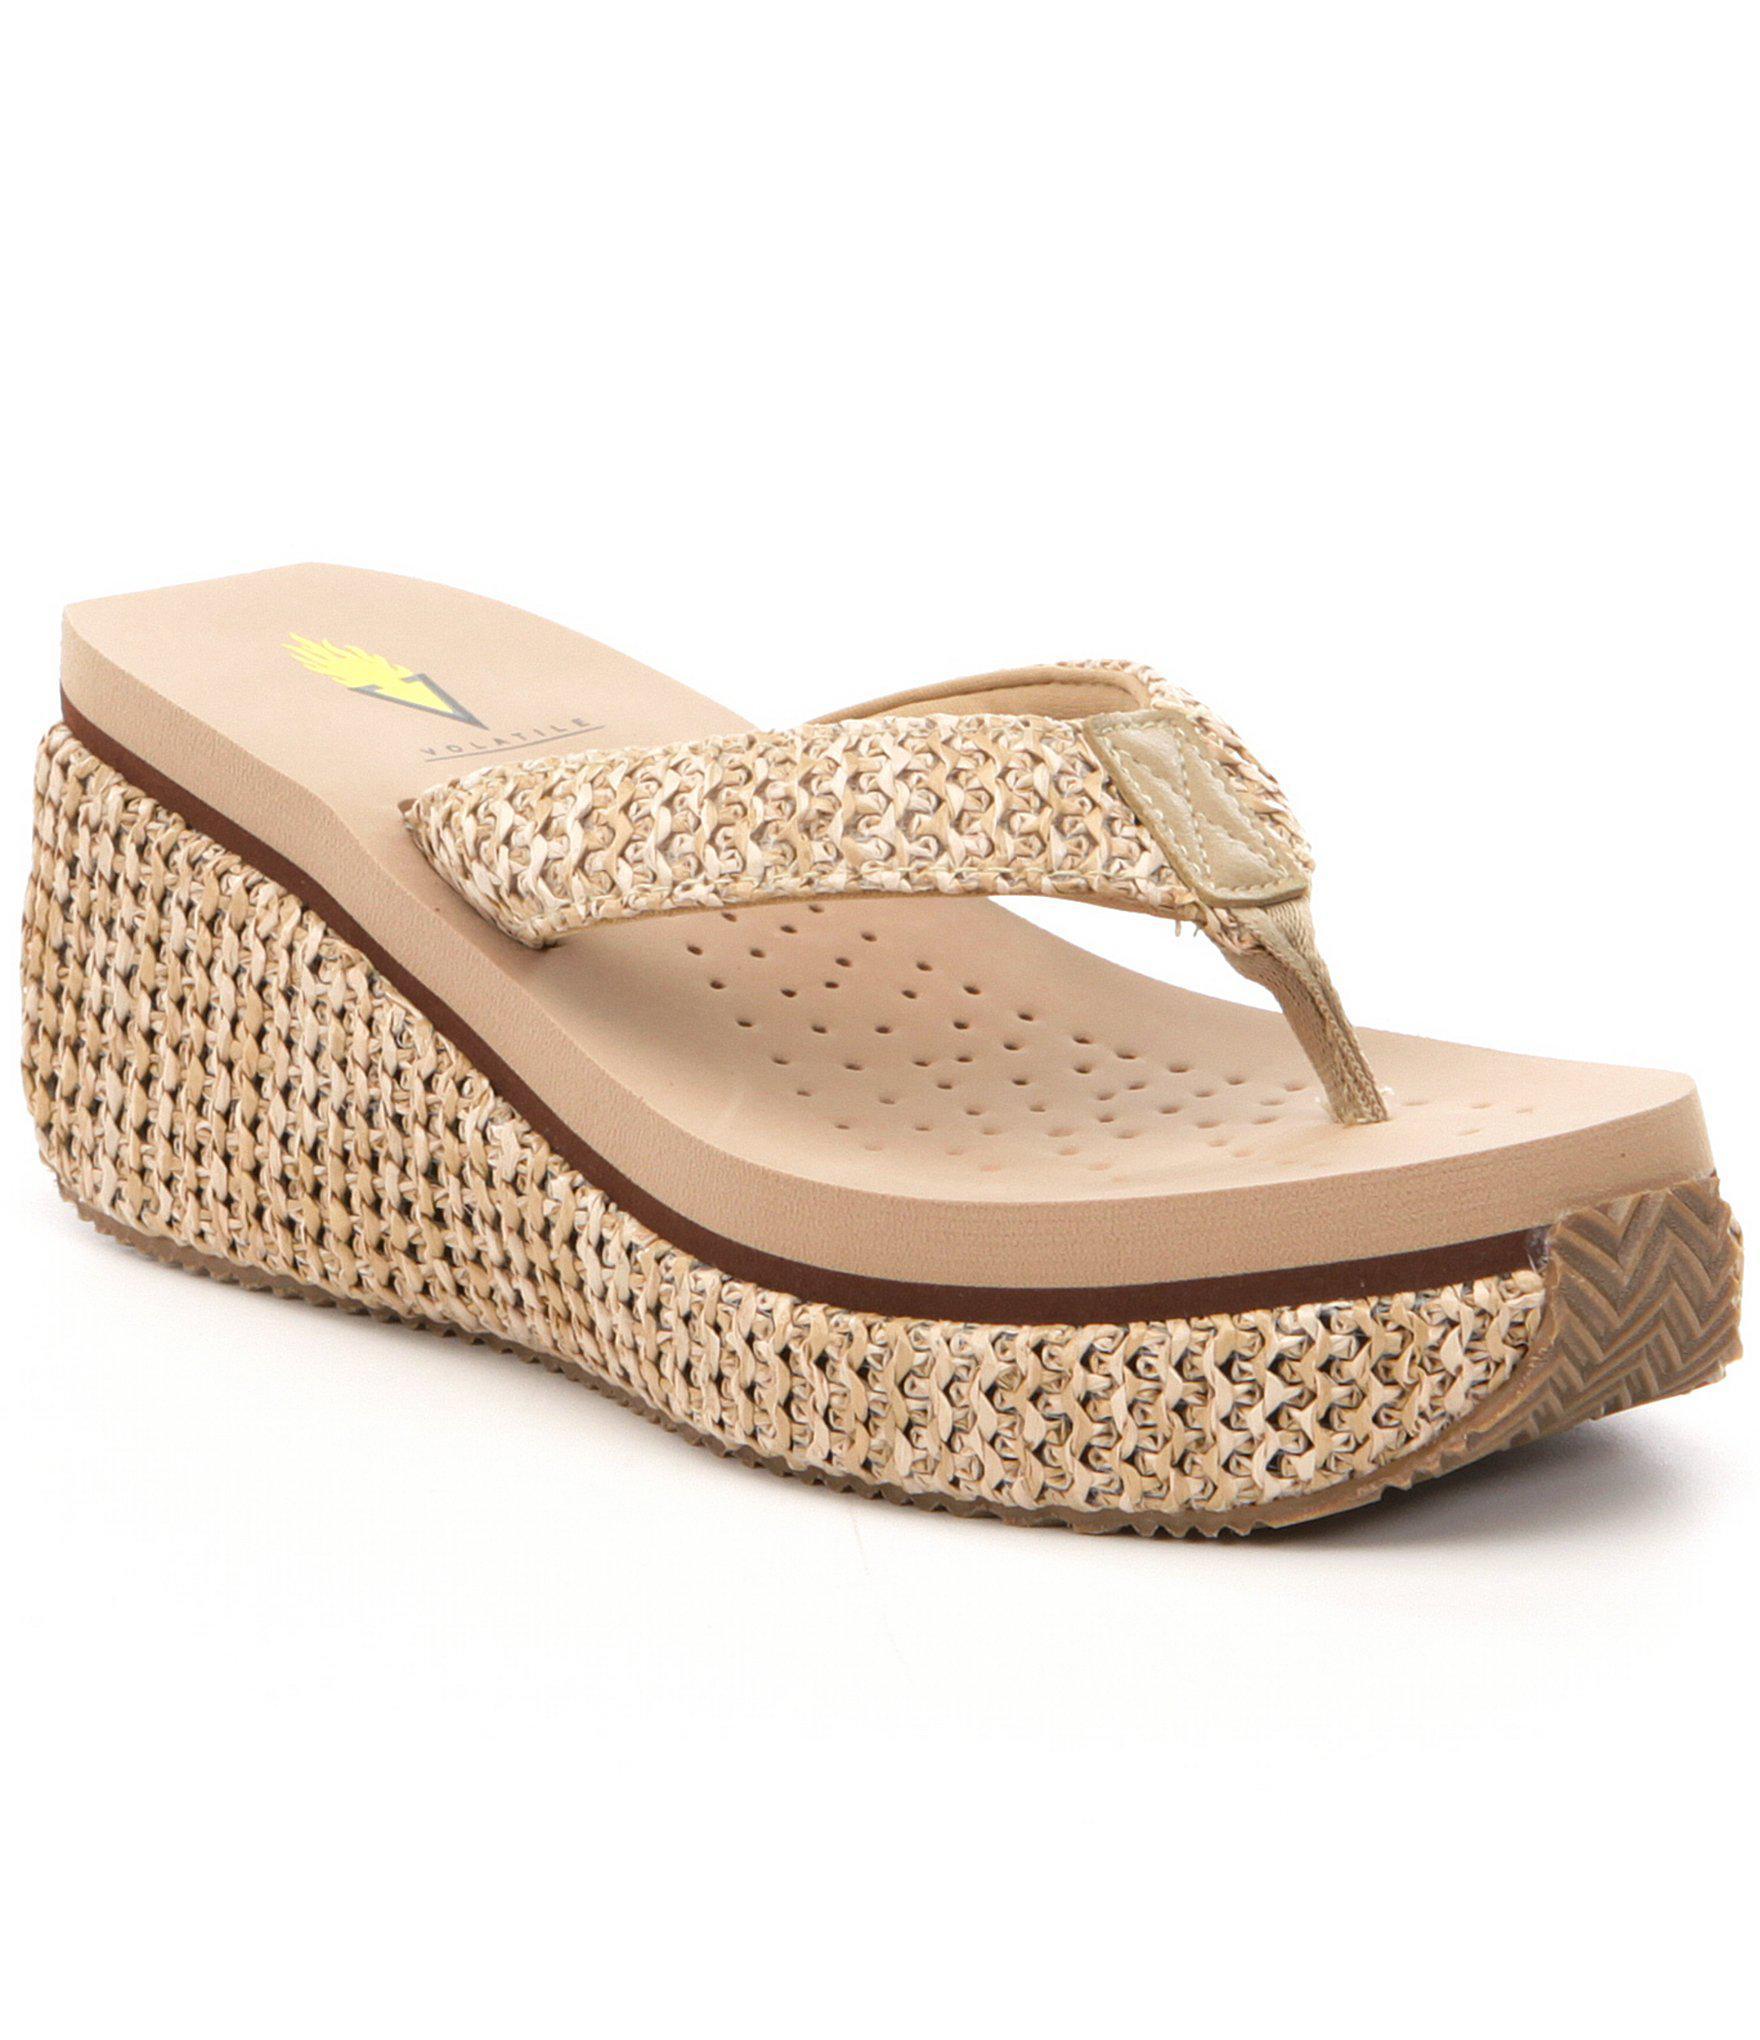 9894bc7532 Lyst - Volatile Zadie Raffia Platform Wedge Sandals in Natural